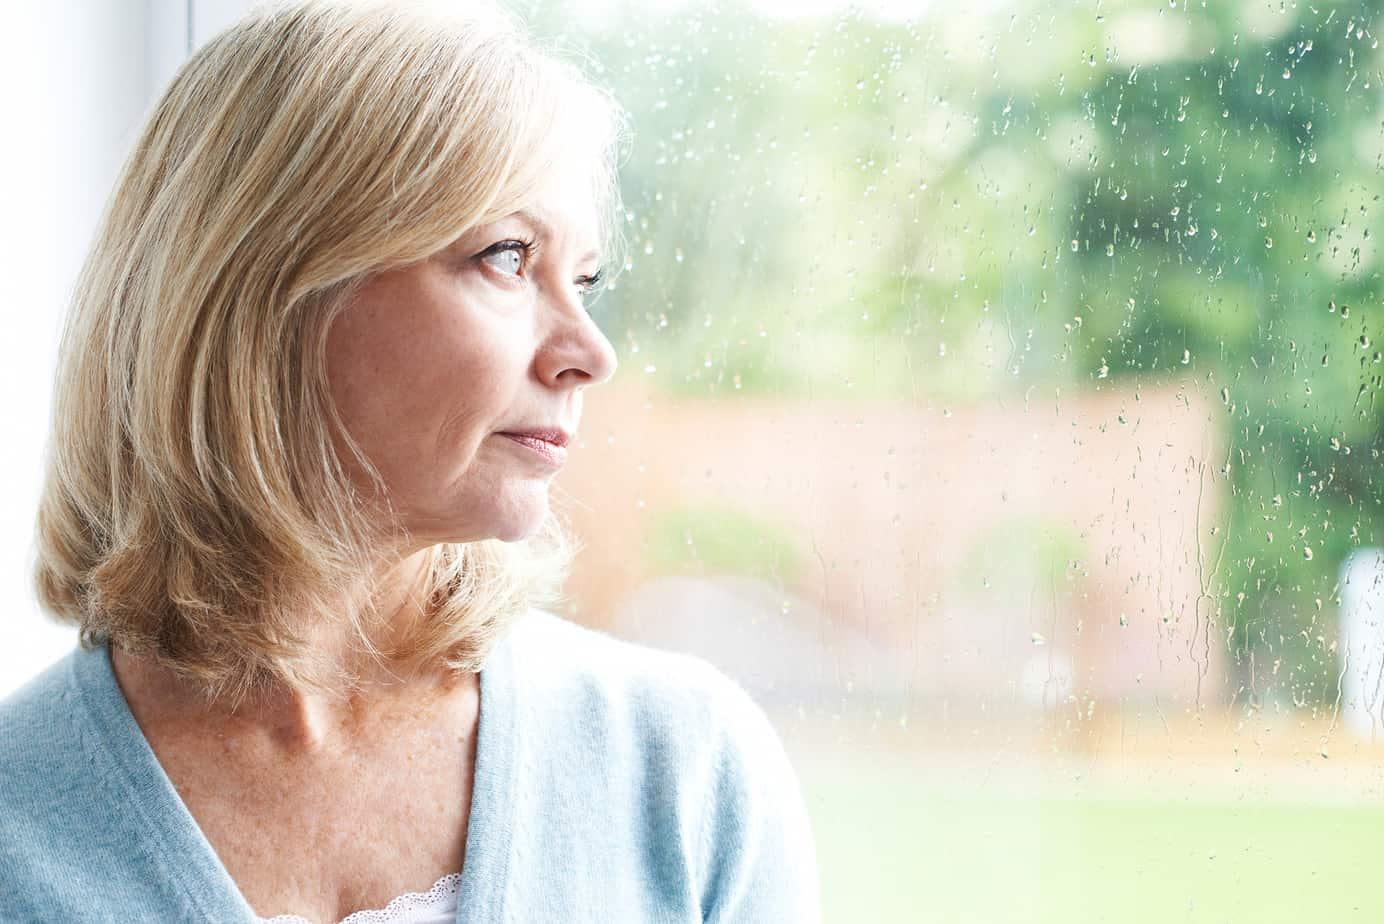 donna triste davanti alla finestra